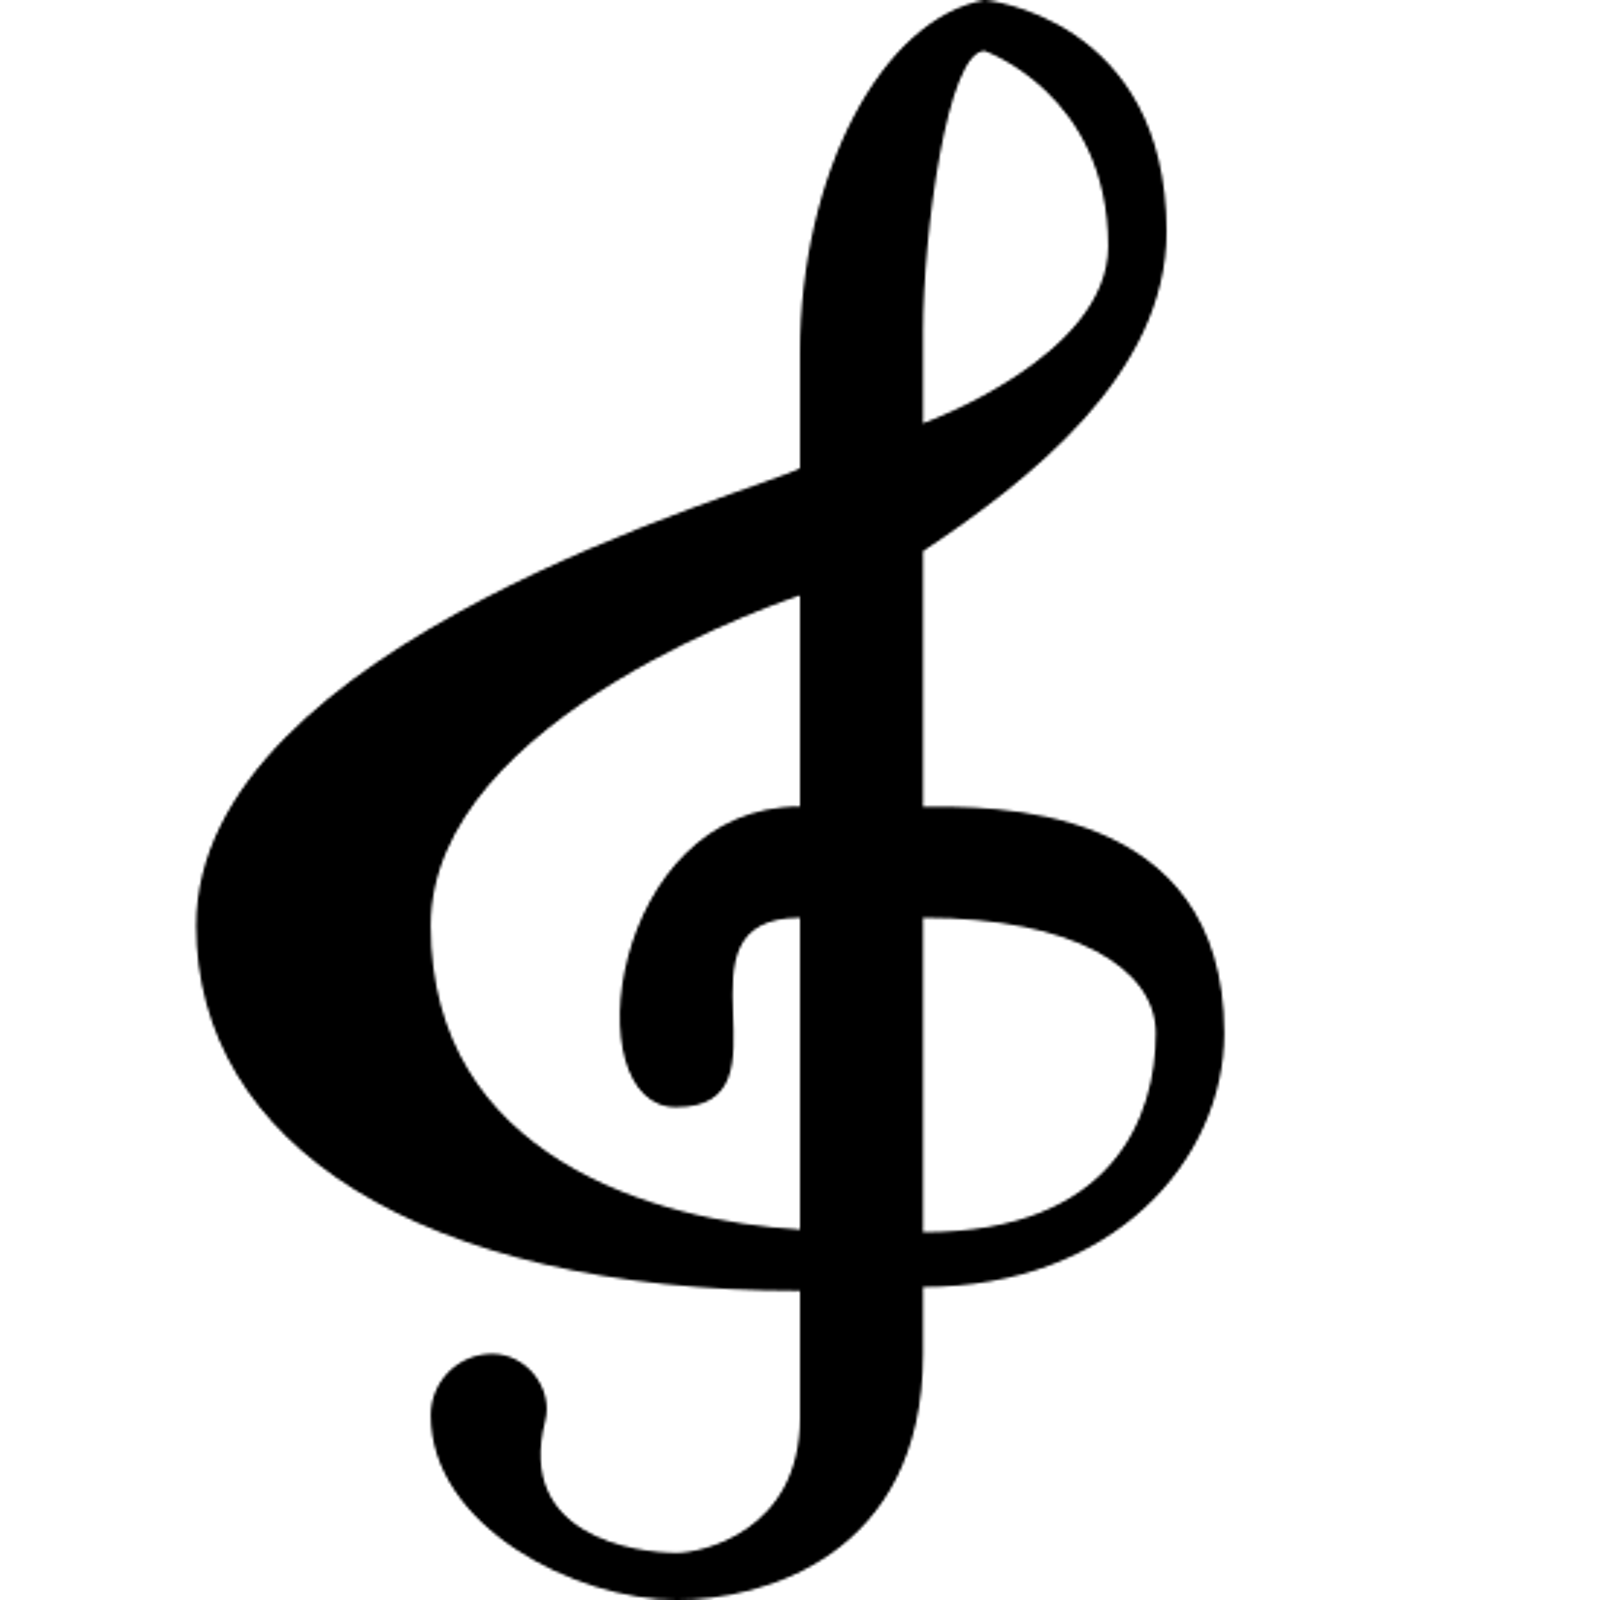 ト音記号 icon. The treble clef is like an ampersand that loops through. Its sort of like drawing a big nose and then the letter J through it.